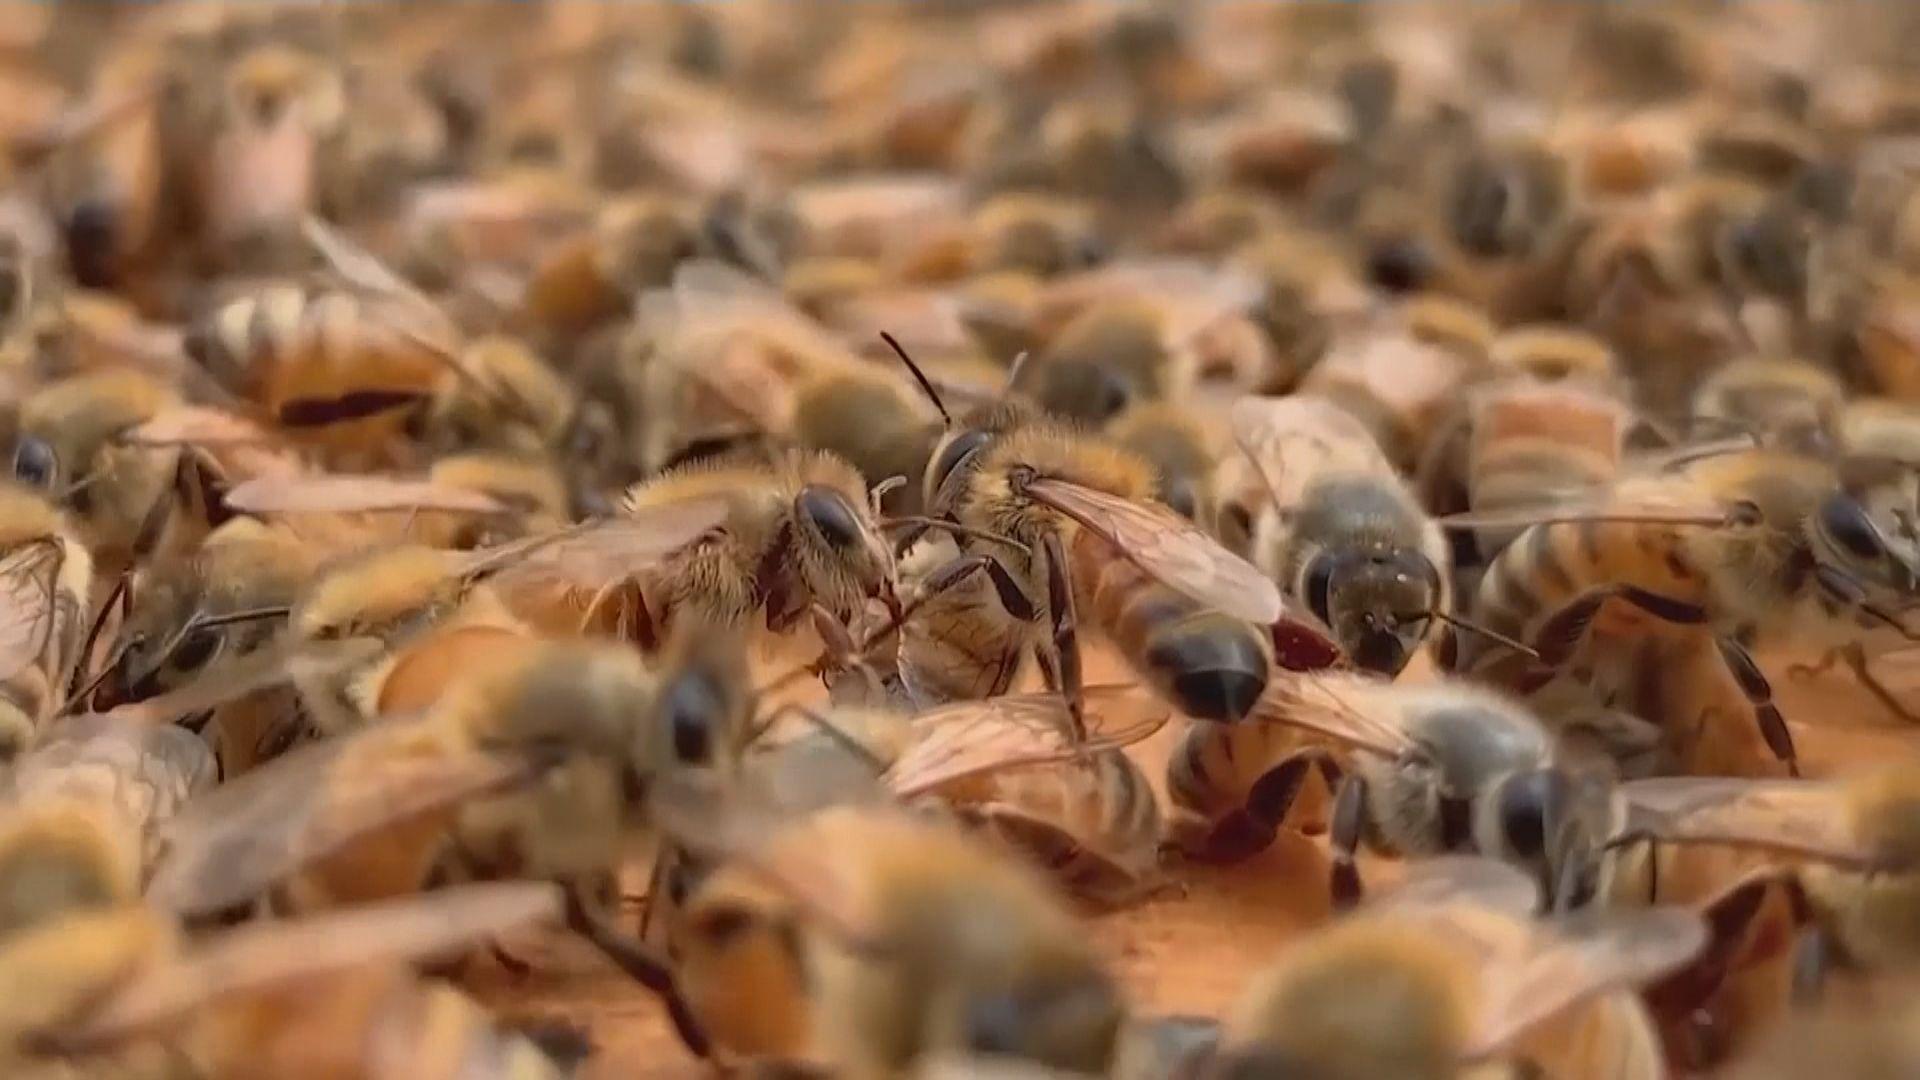 荷蘭研究團隊成功訓練蜜蜂識別新冠病毒